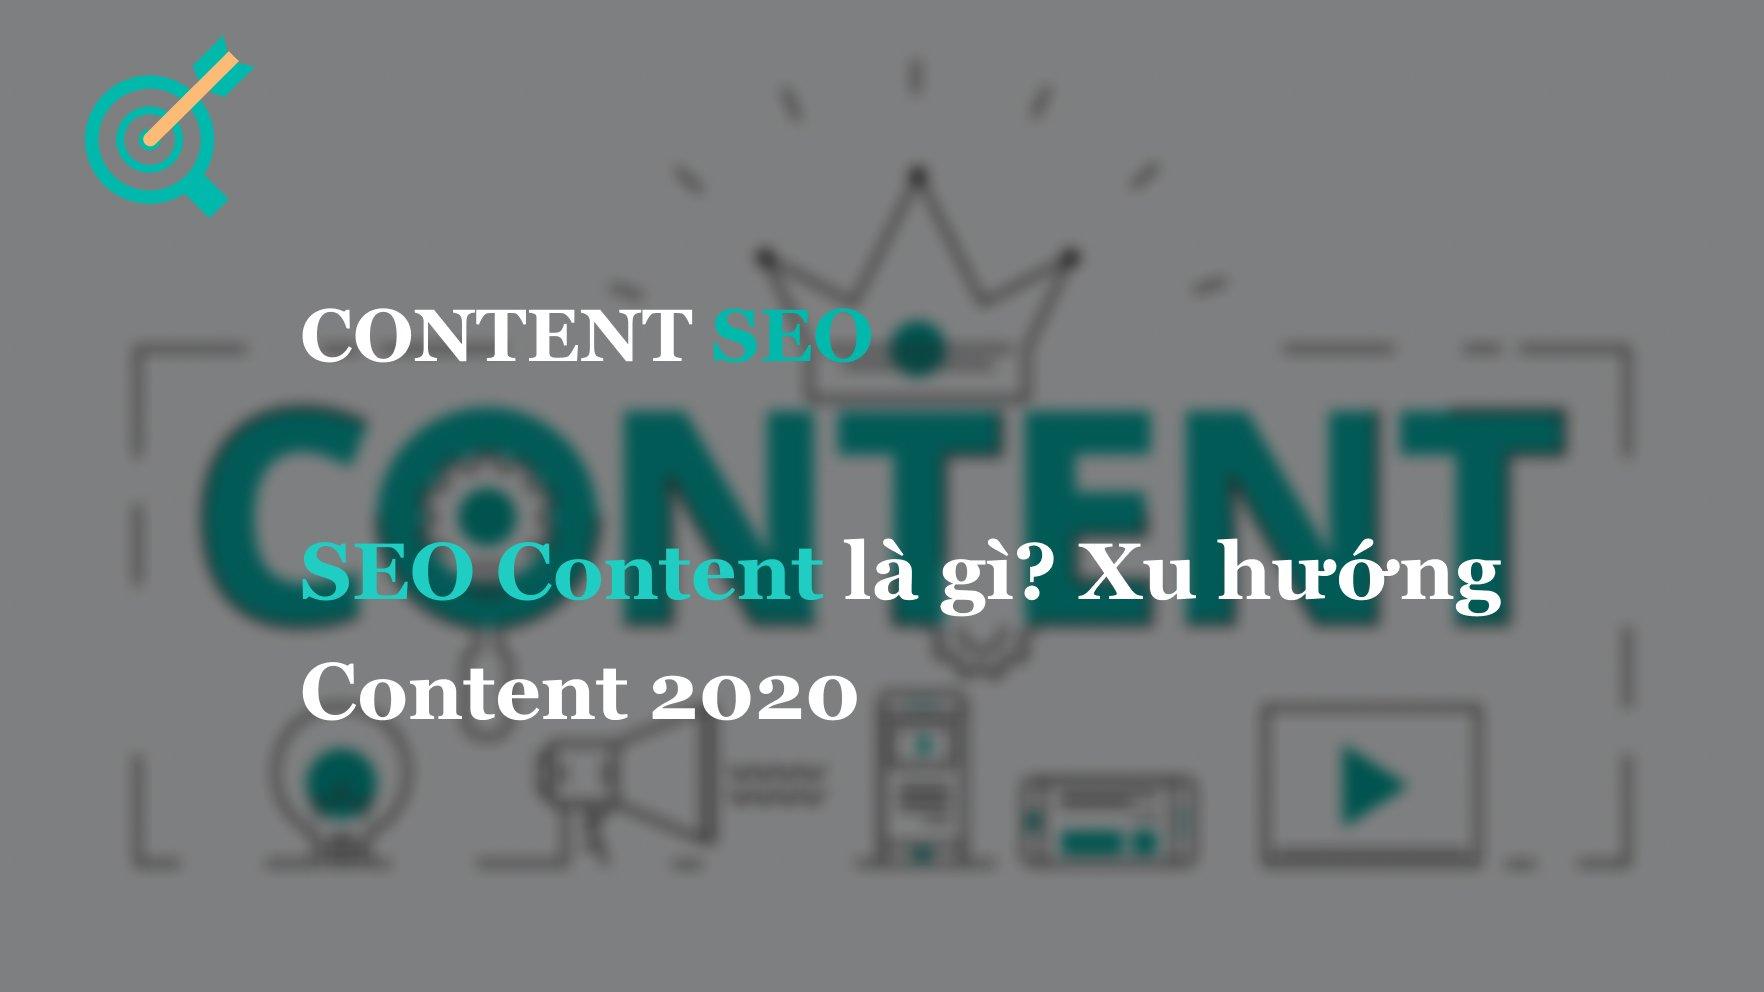 SEO Content là gì? Xu hướng Content 2020